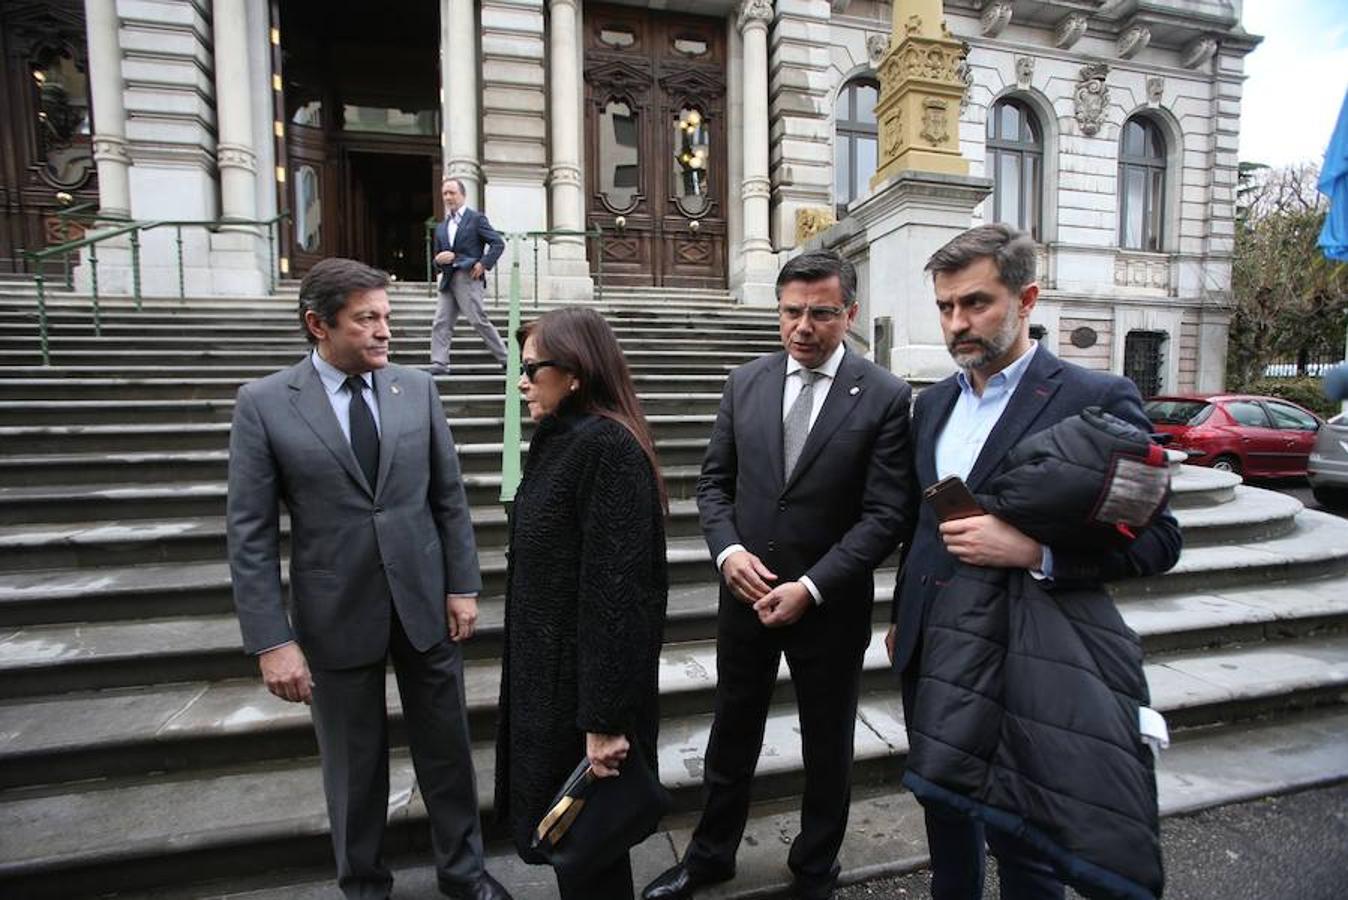 Despedida de Vicente Álvarez Areces en la Junta del Principado